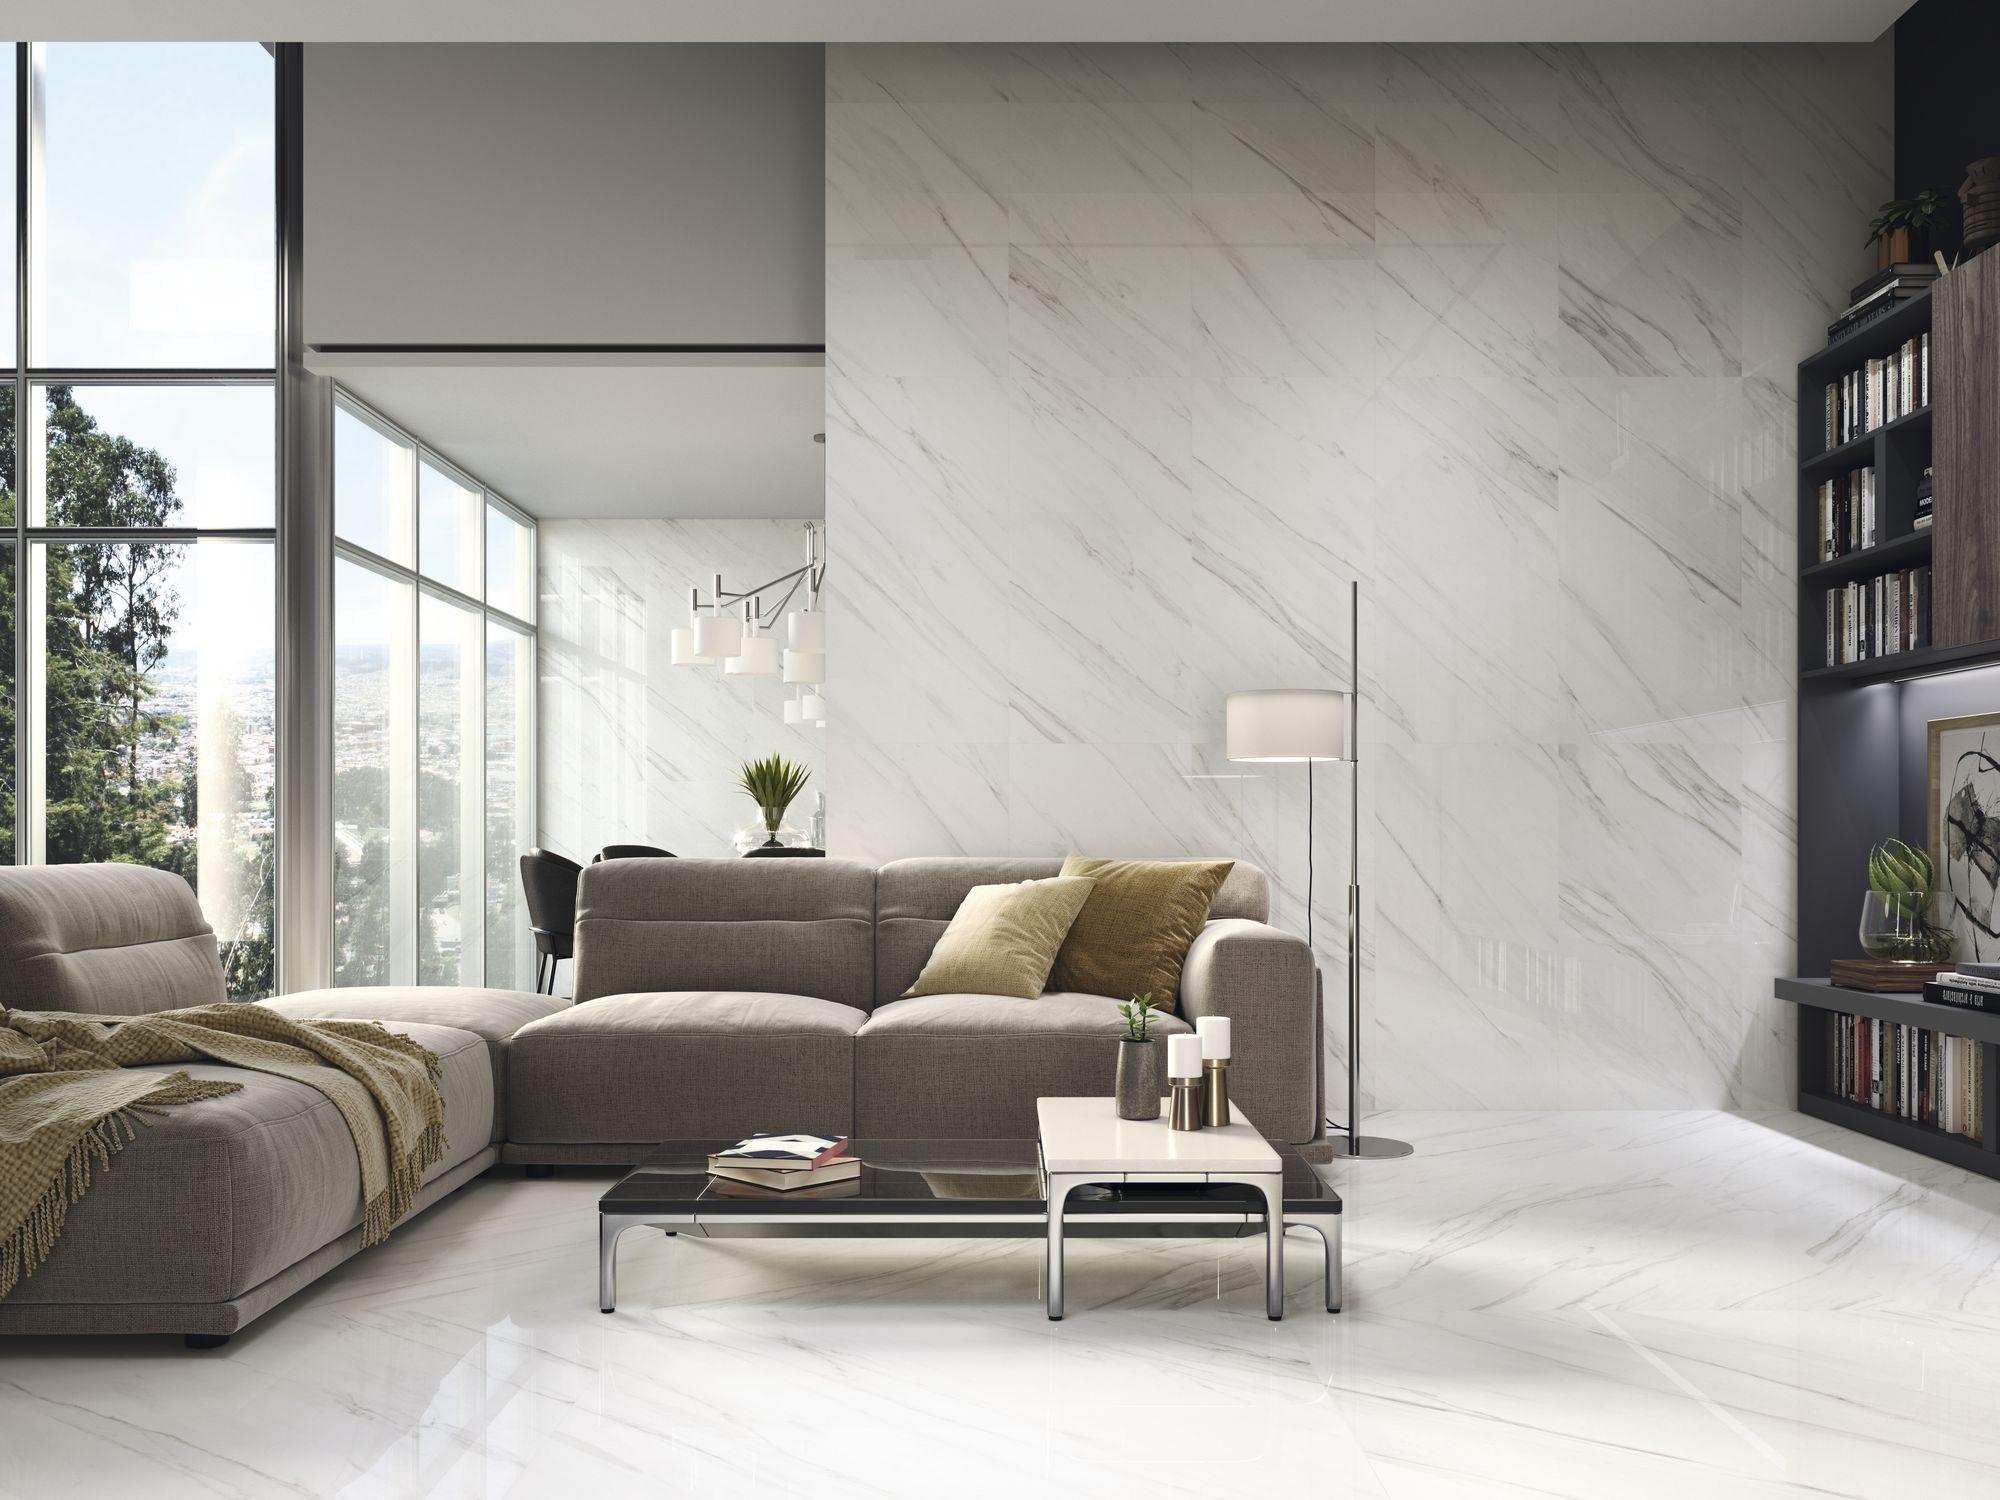 carrelage marbre Ploeren